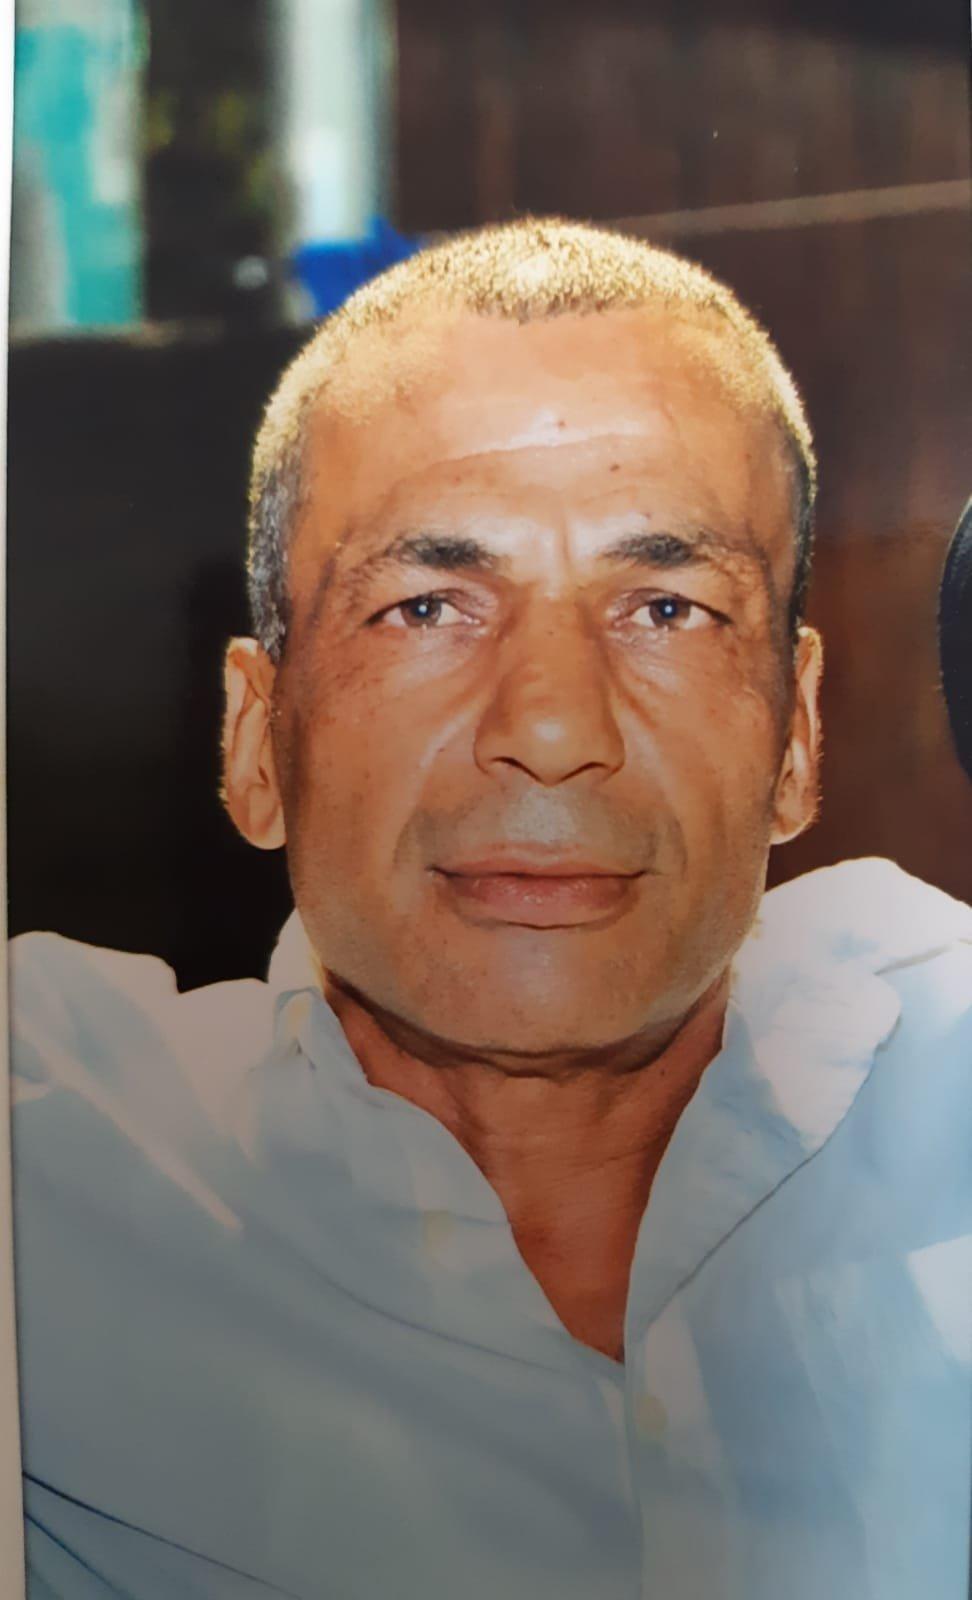 الناصرة: الشرطة تناشد المساعدة بالبحث عن خالد شحادات